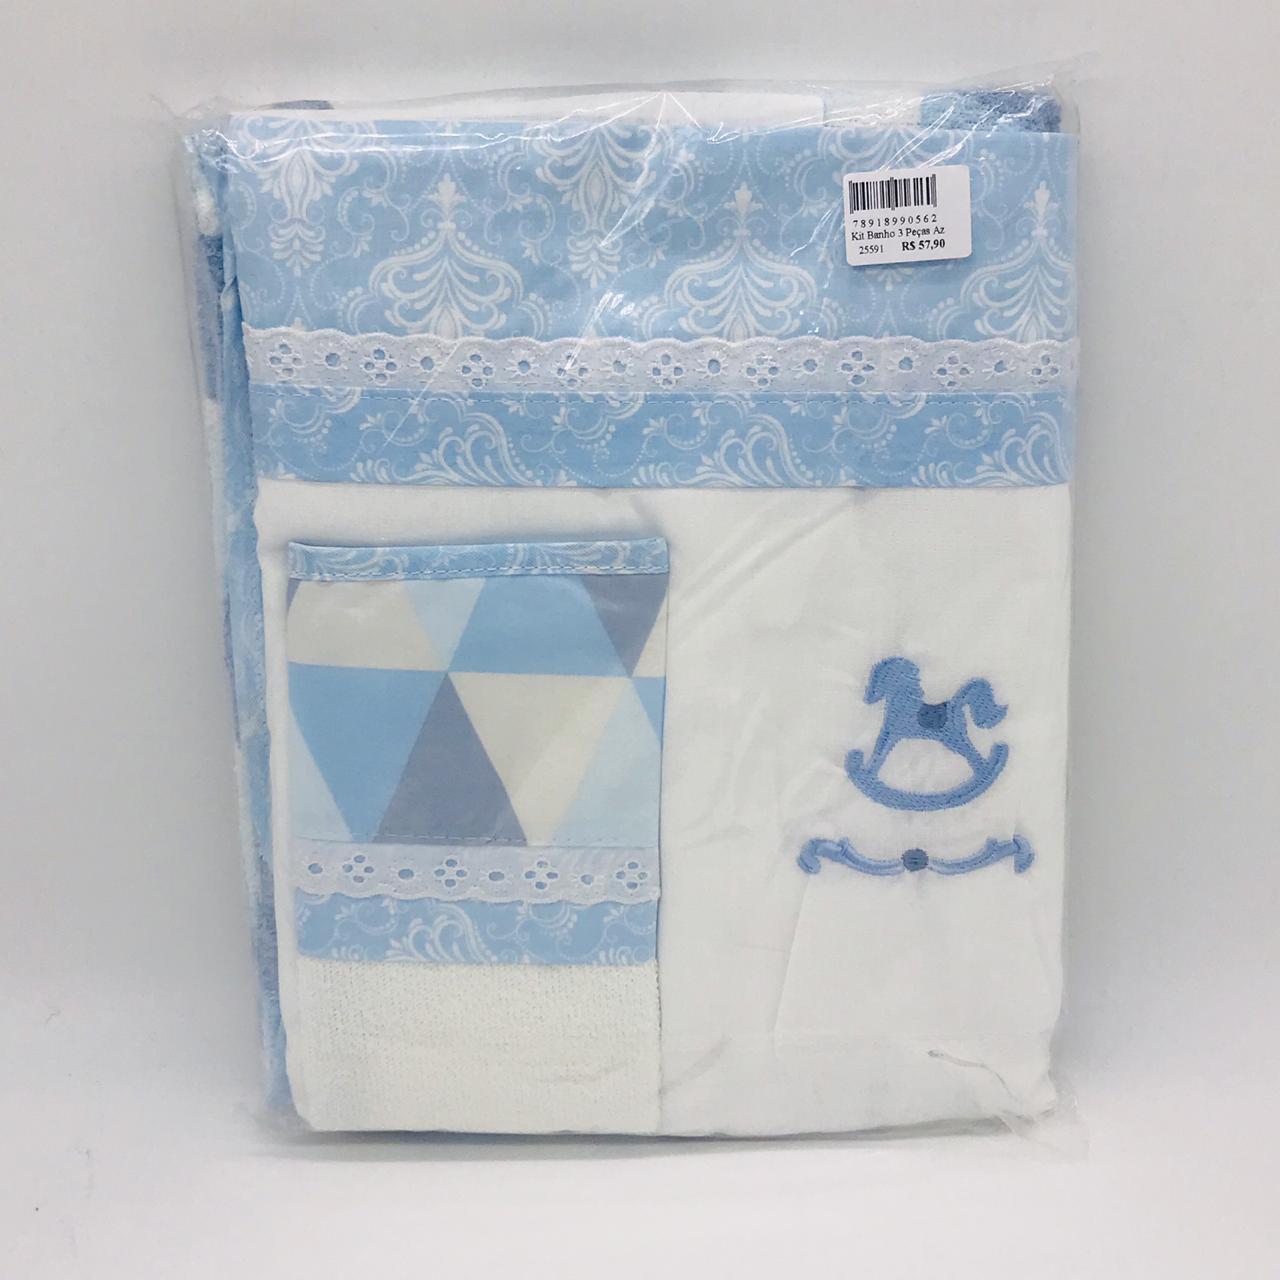 Kit Banho 3 Peças Azul Cavalinho - m Mimo Minasrey Ref 5626